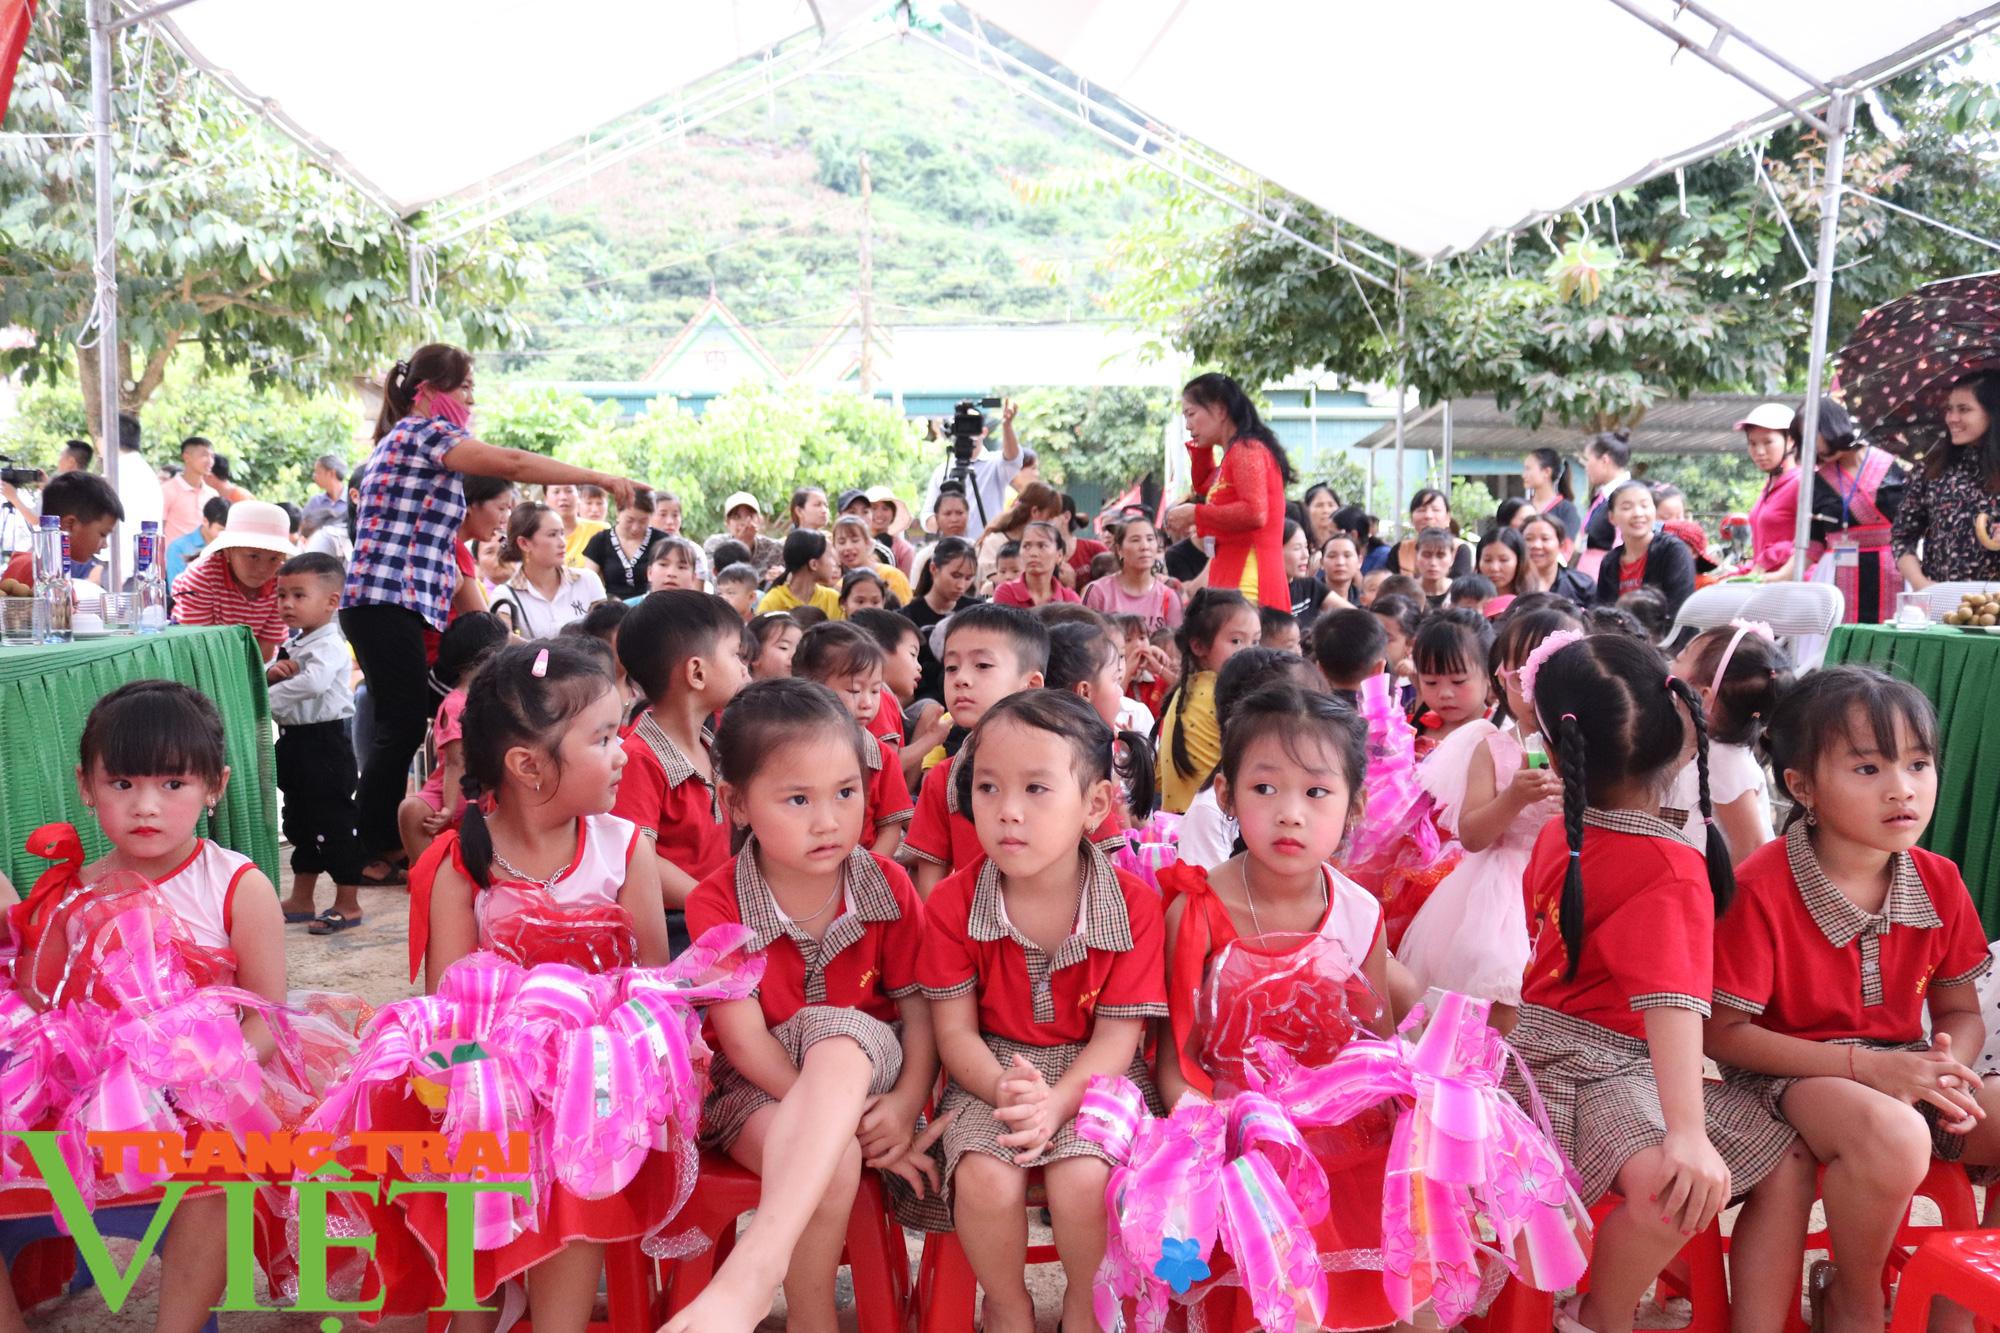 """Báo NTNN/Dân Việt - Quỹ Thiện Tâm khánh thành """"Điểm trường mơ ước"""" từ thiện tại Sơn La - Ảnh 5."""